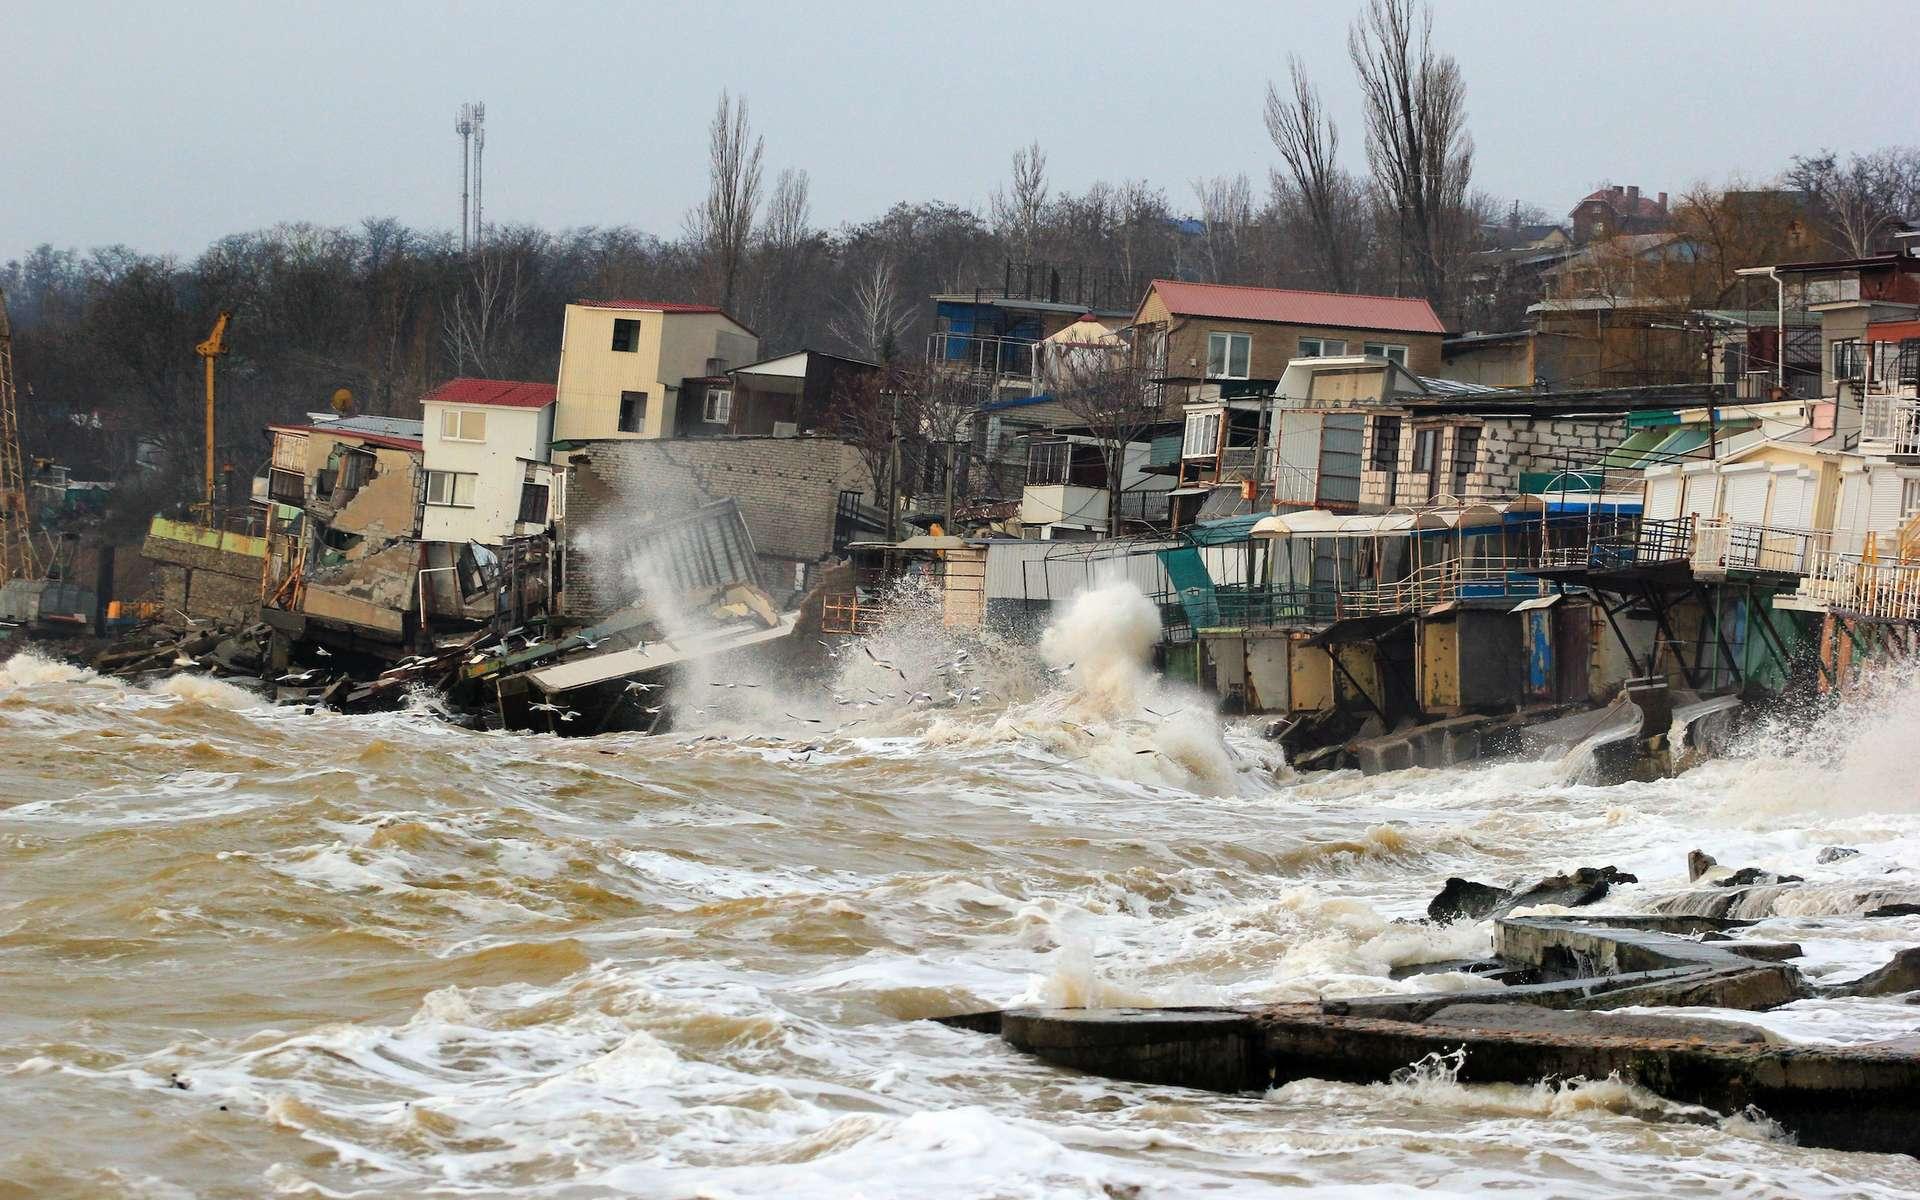 Plusieurs menaces pèsent sur les populations des littoraux : l'élévation du niveau des océans et l'augmentation des tempêtes. © Talukdar, Adobe Stock